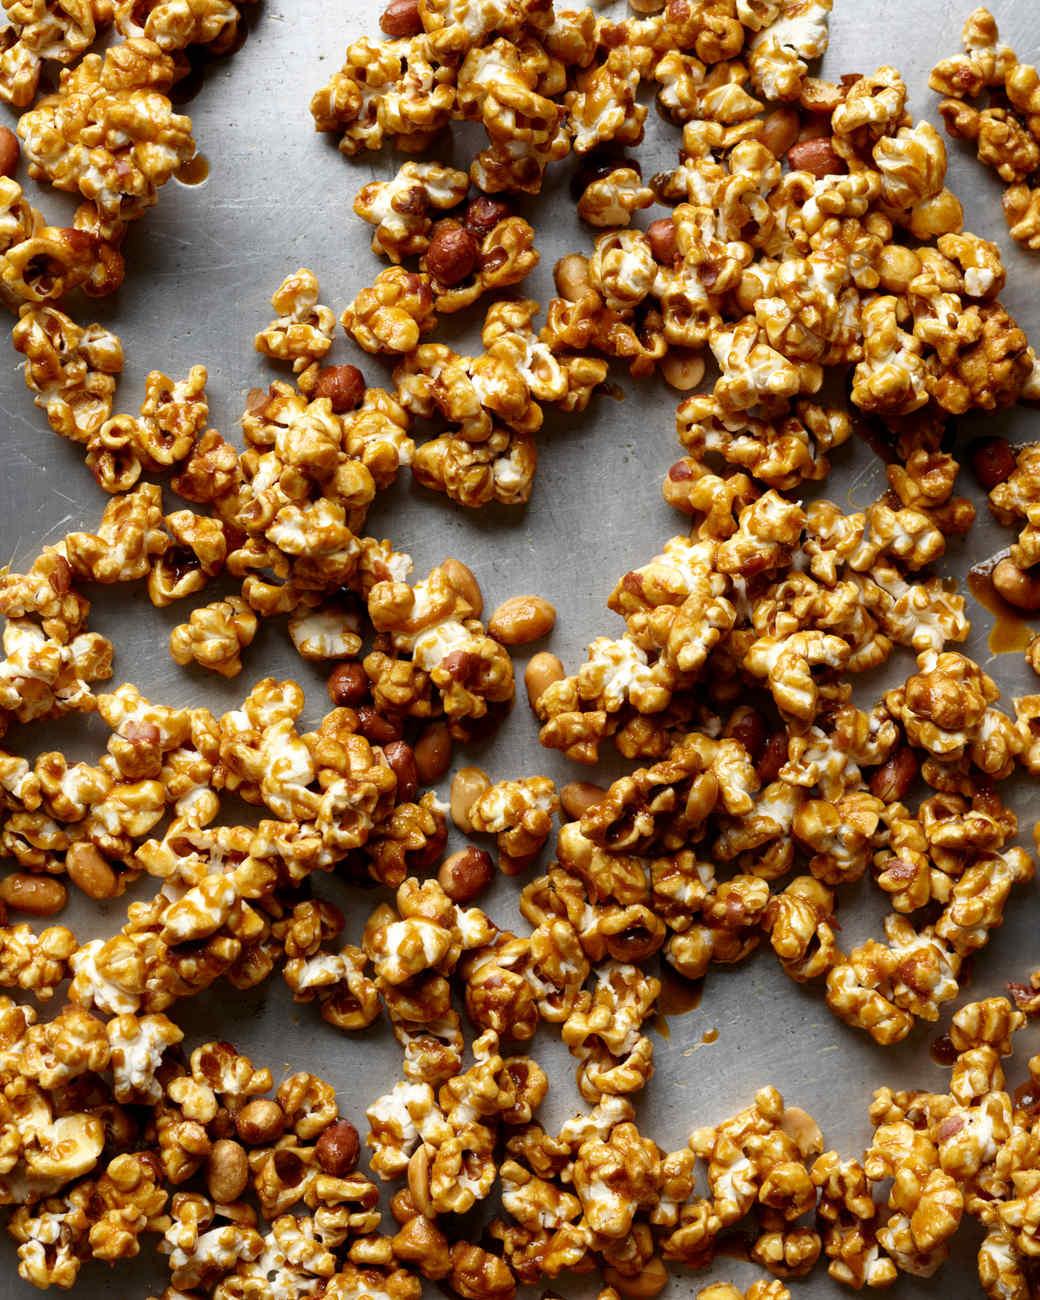 cracker-jack-054-ed110194.jpg